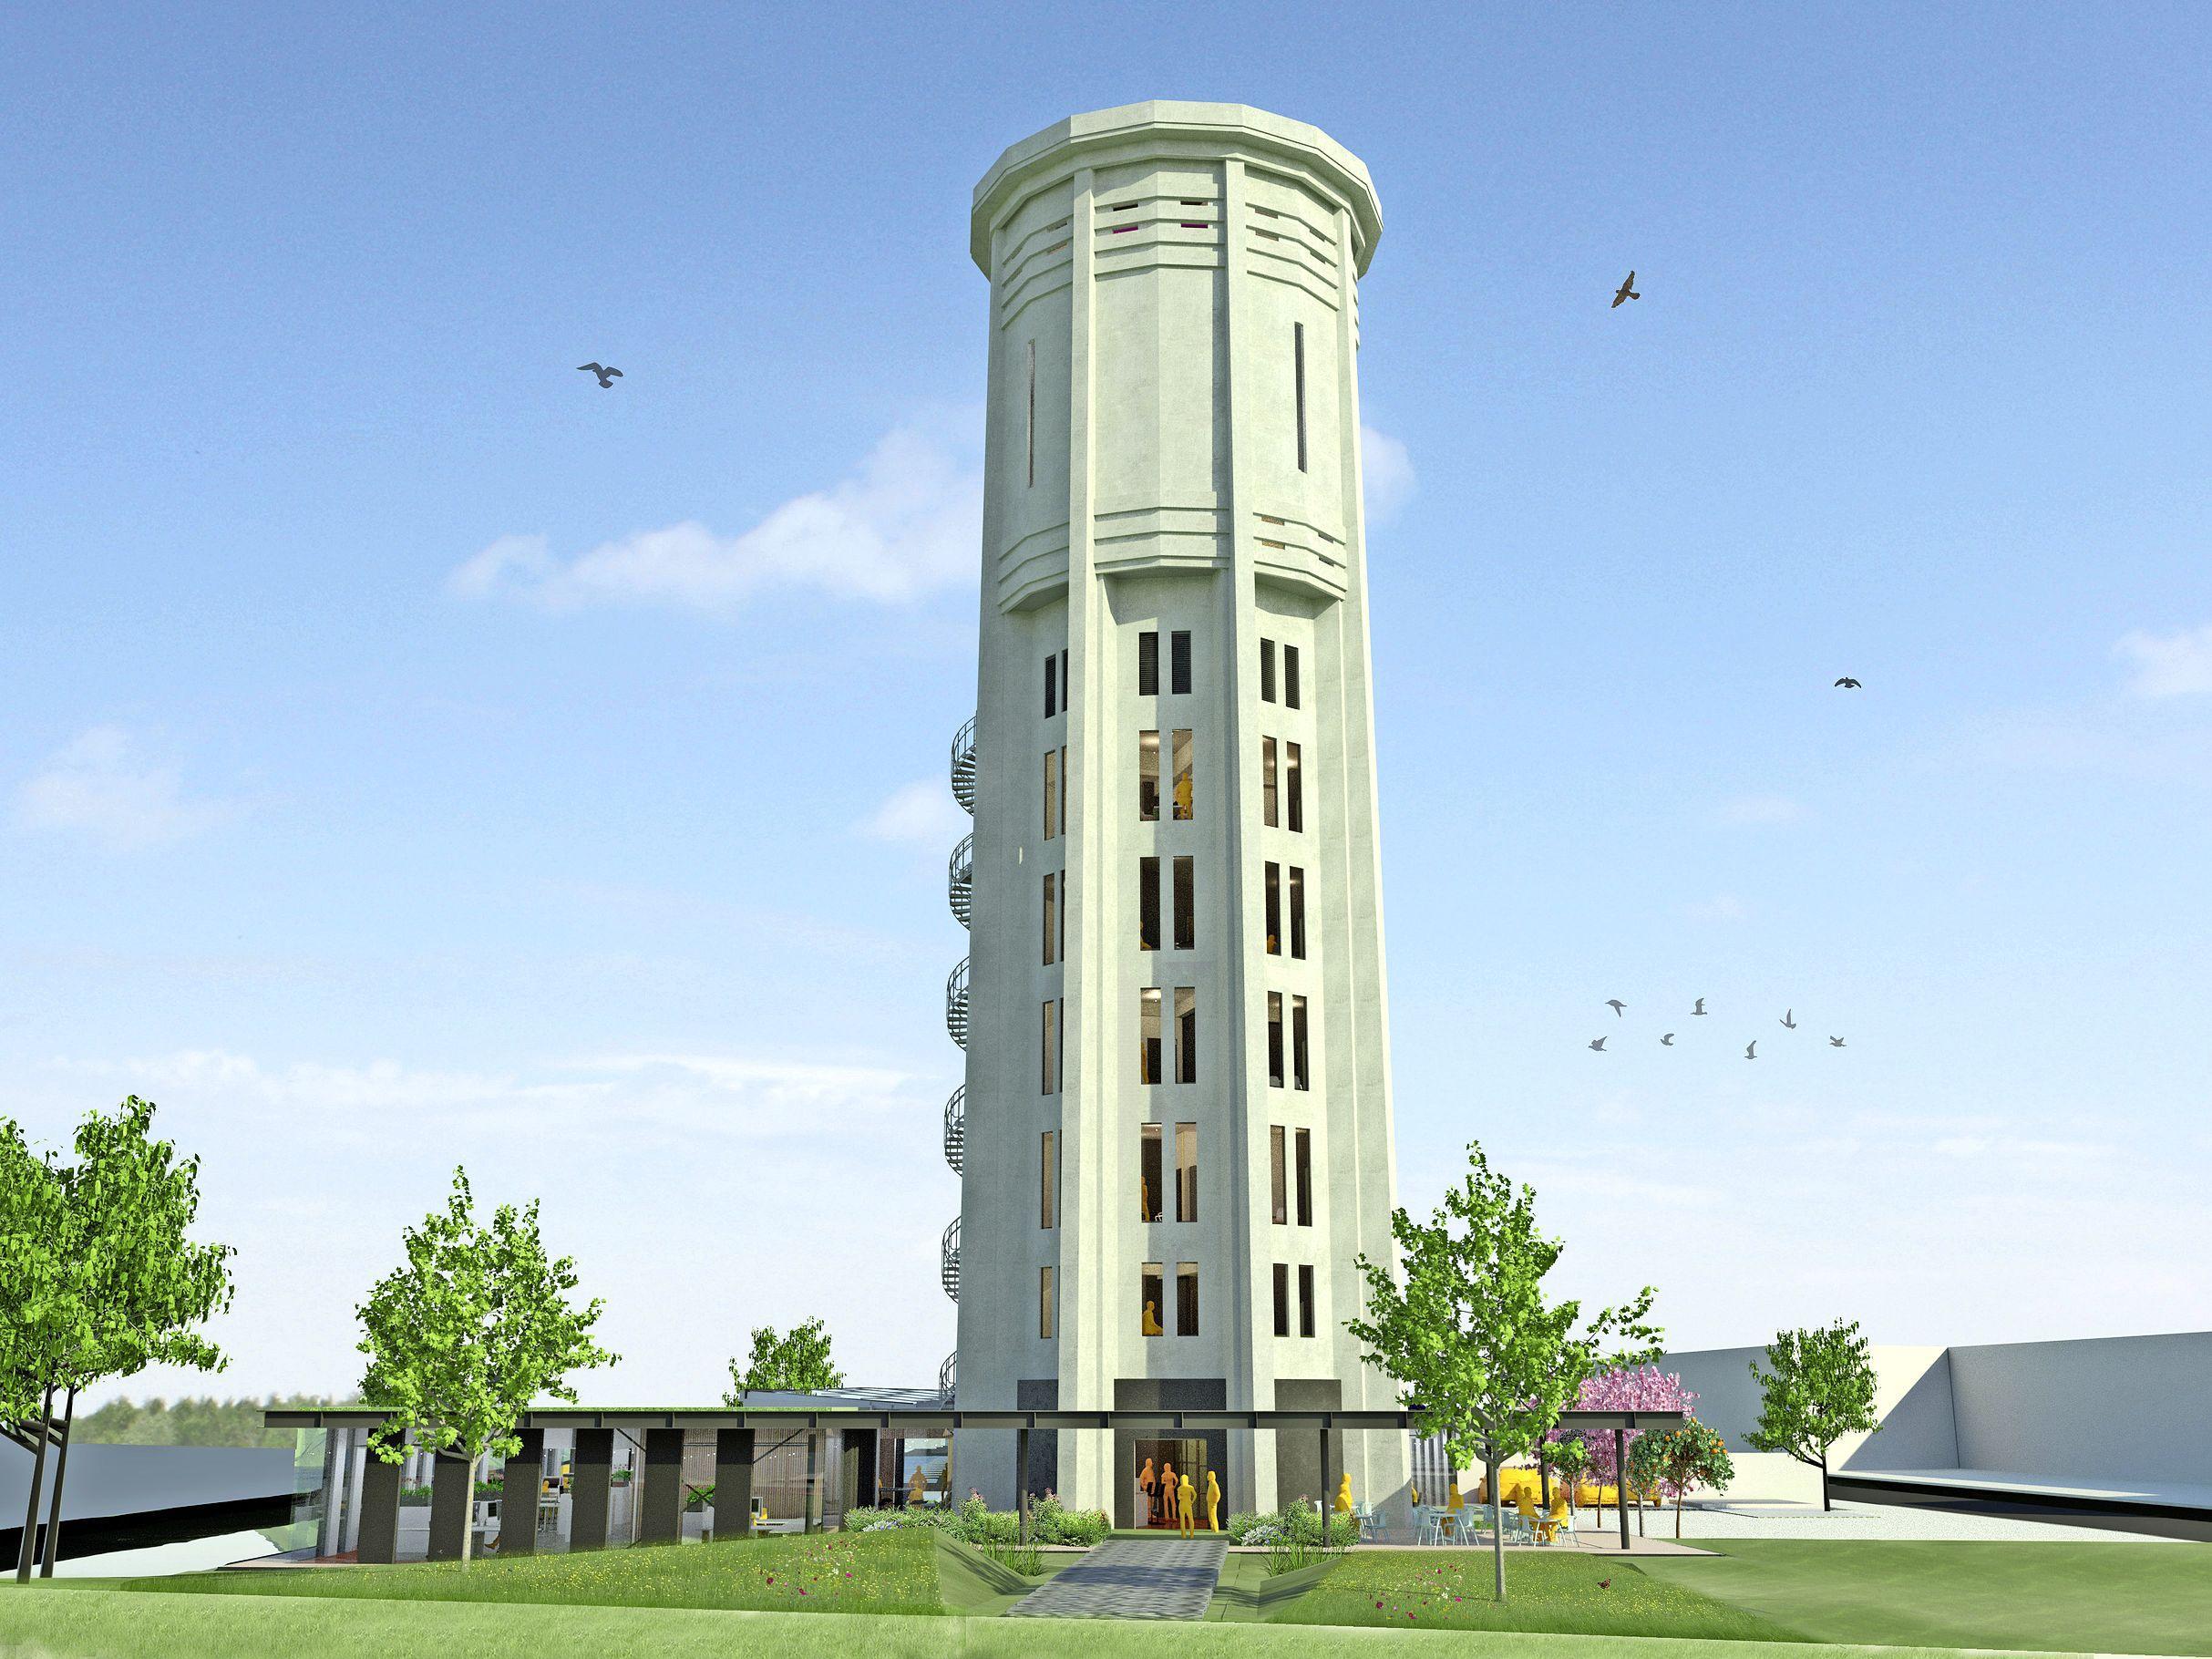 Schot in vernieuwing Hillegomse watertoren, die voortaan 'Watertoren Bollenstreek' heet